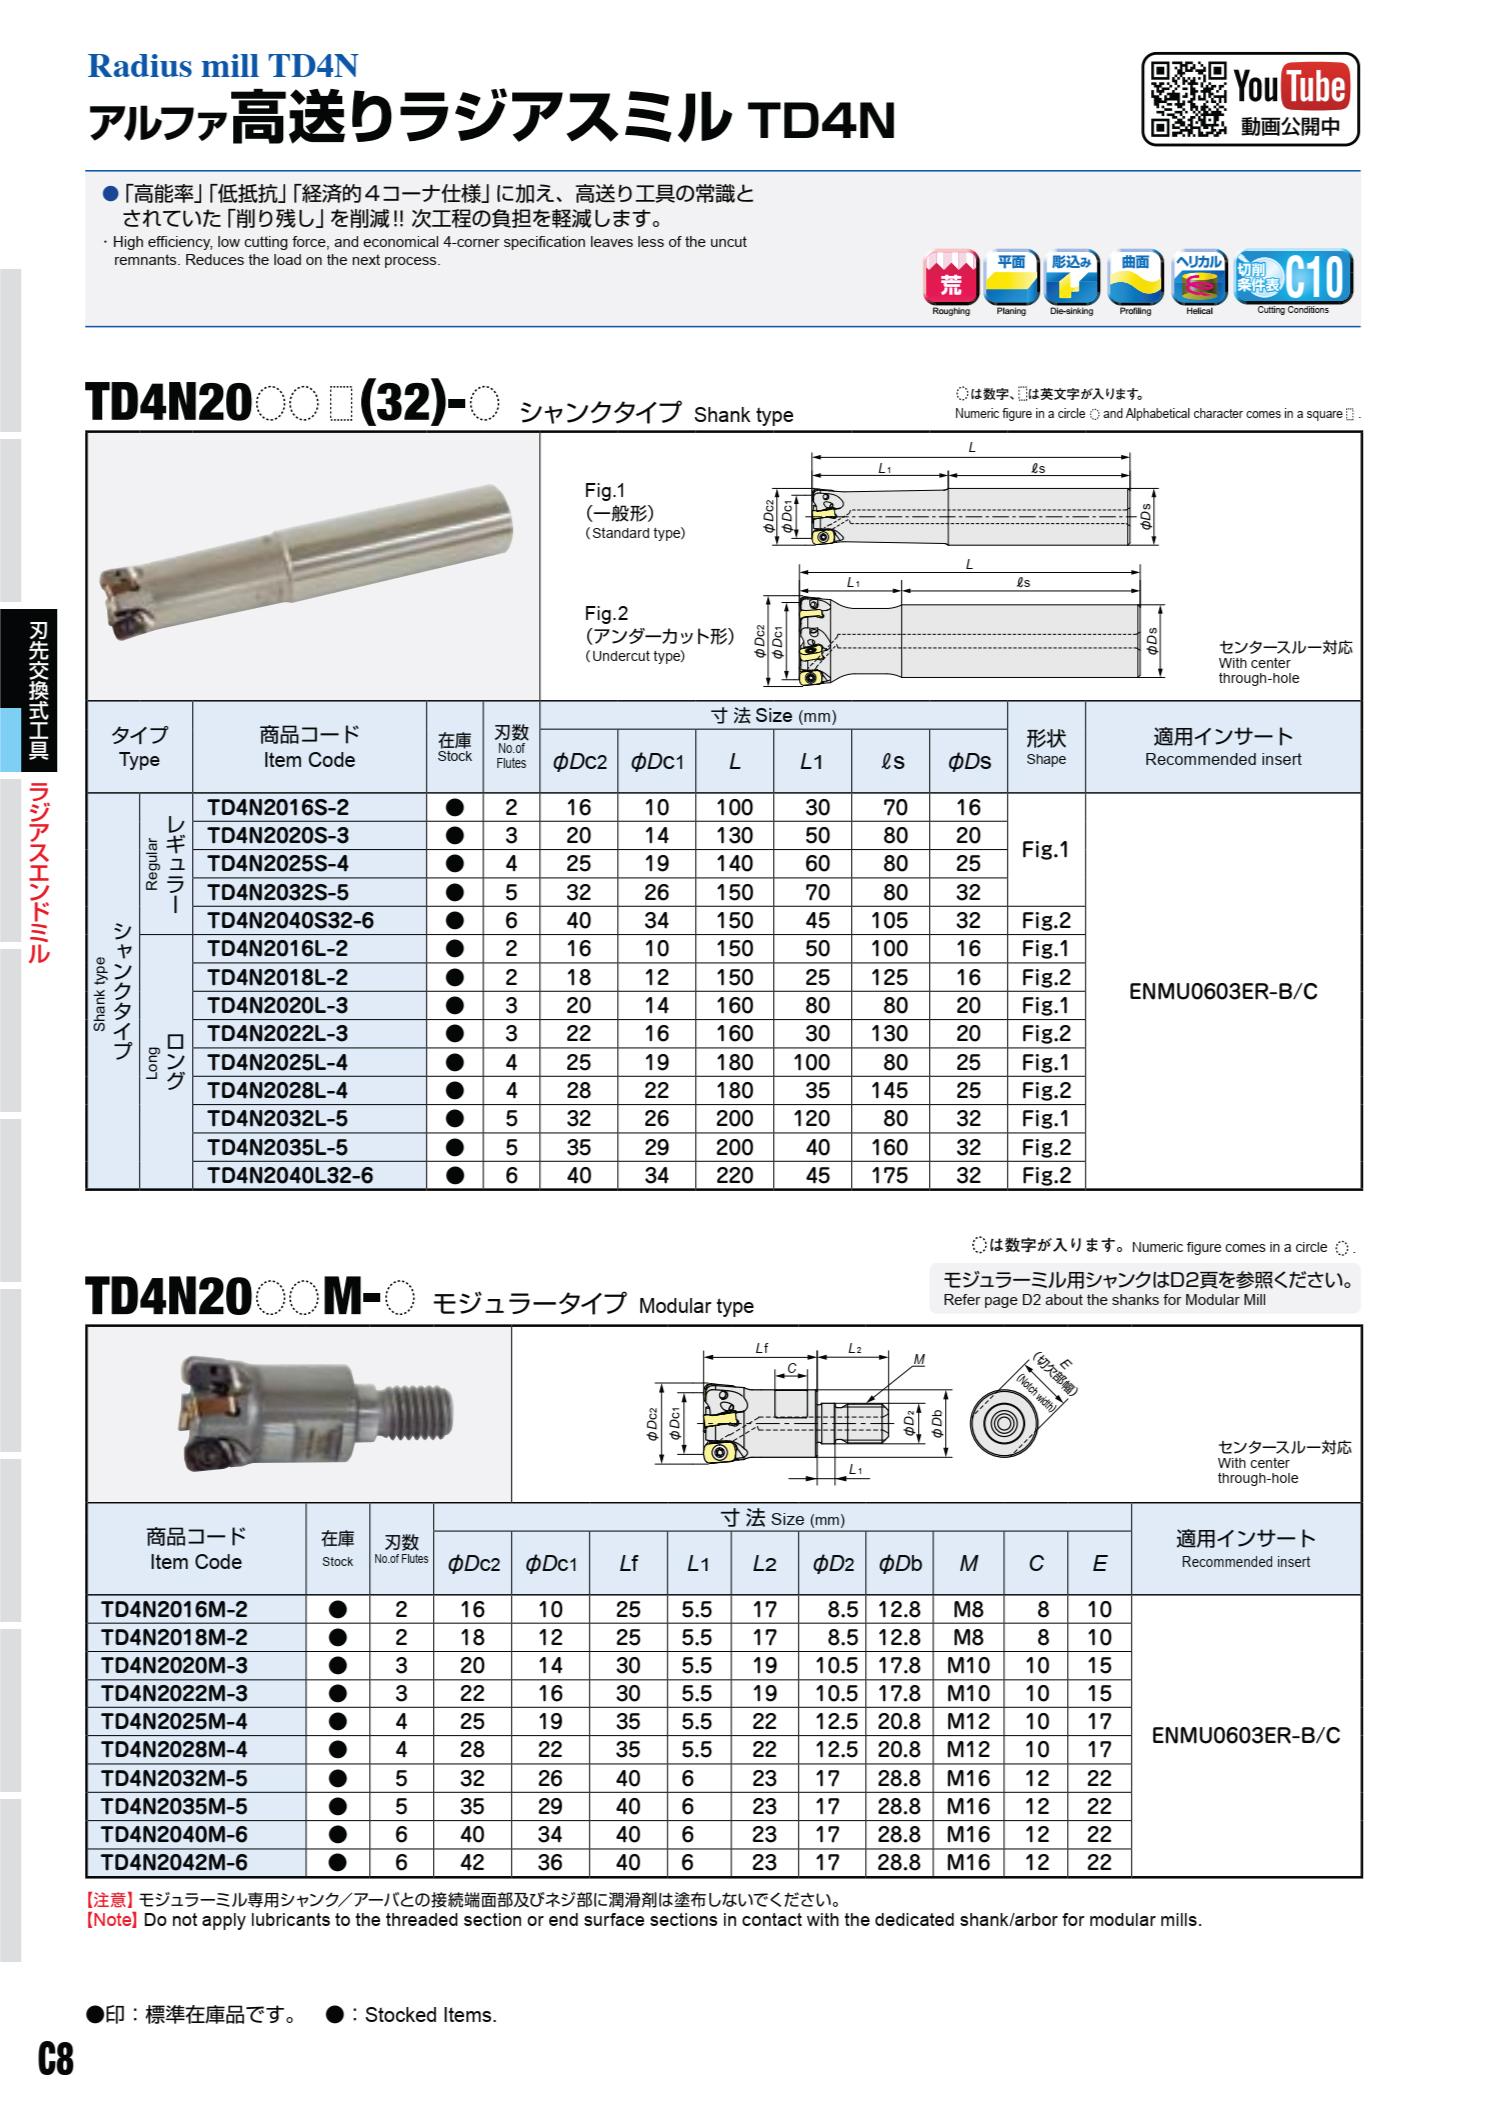 Mảnh Insert Phay Hitachi Moldino ENMU060303 Lắp Cán TD4N 2